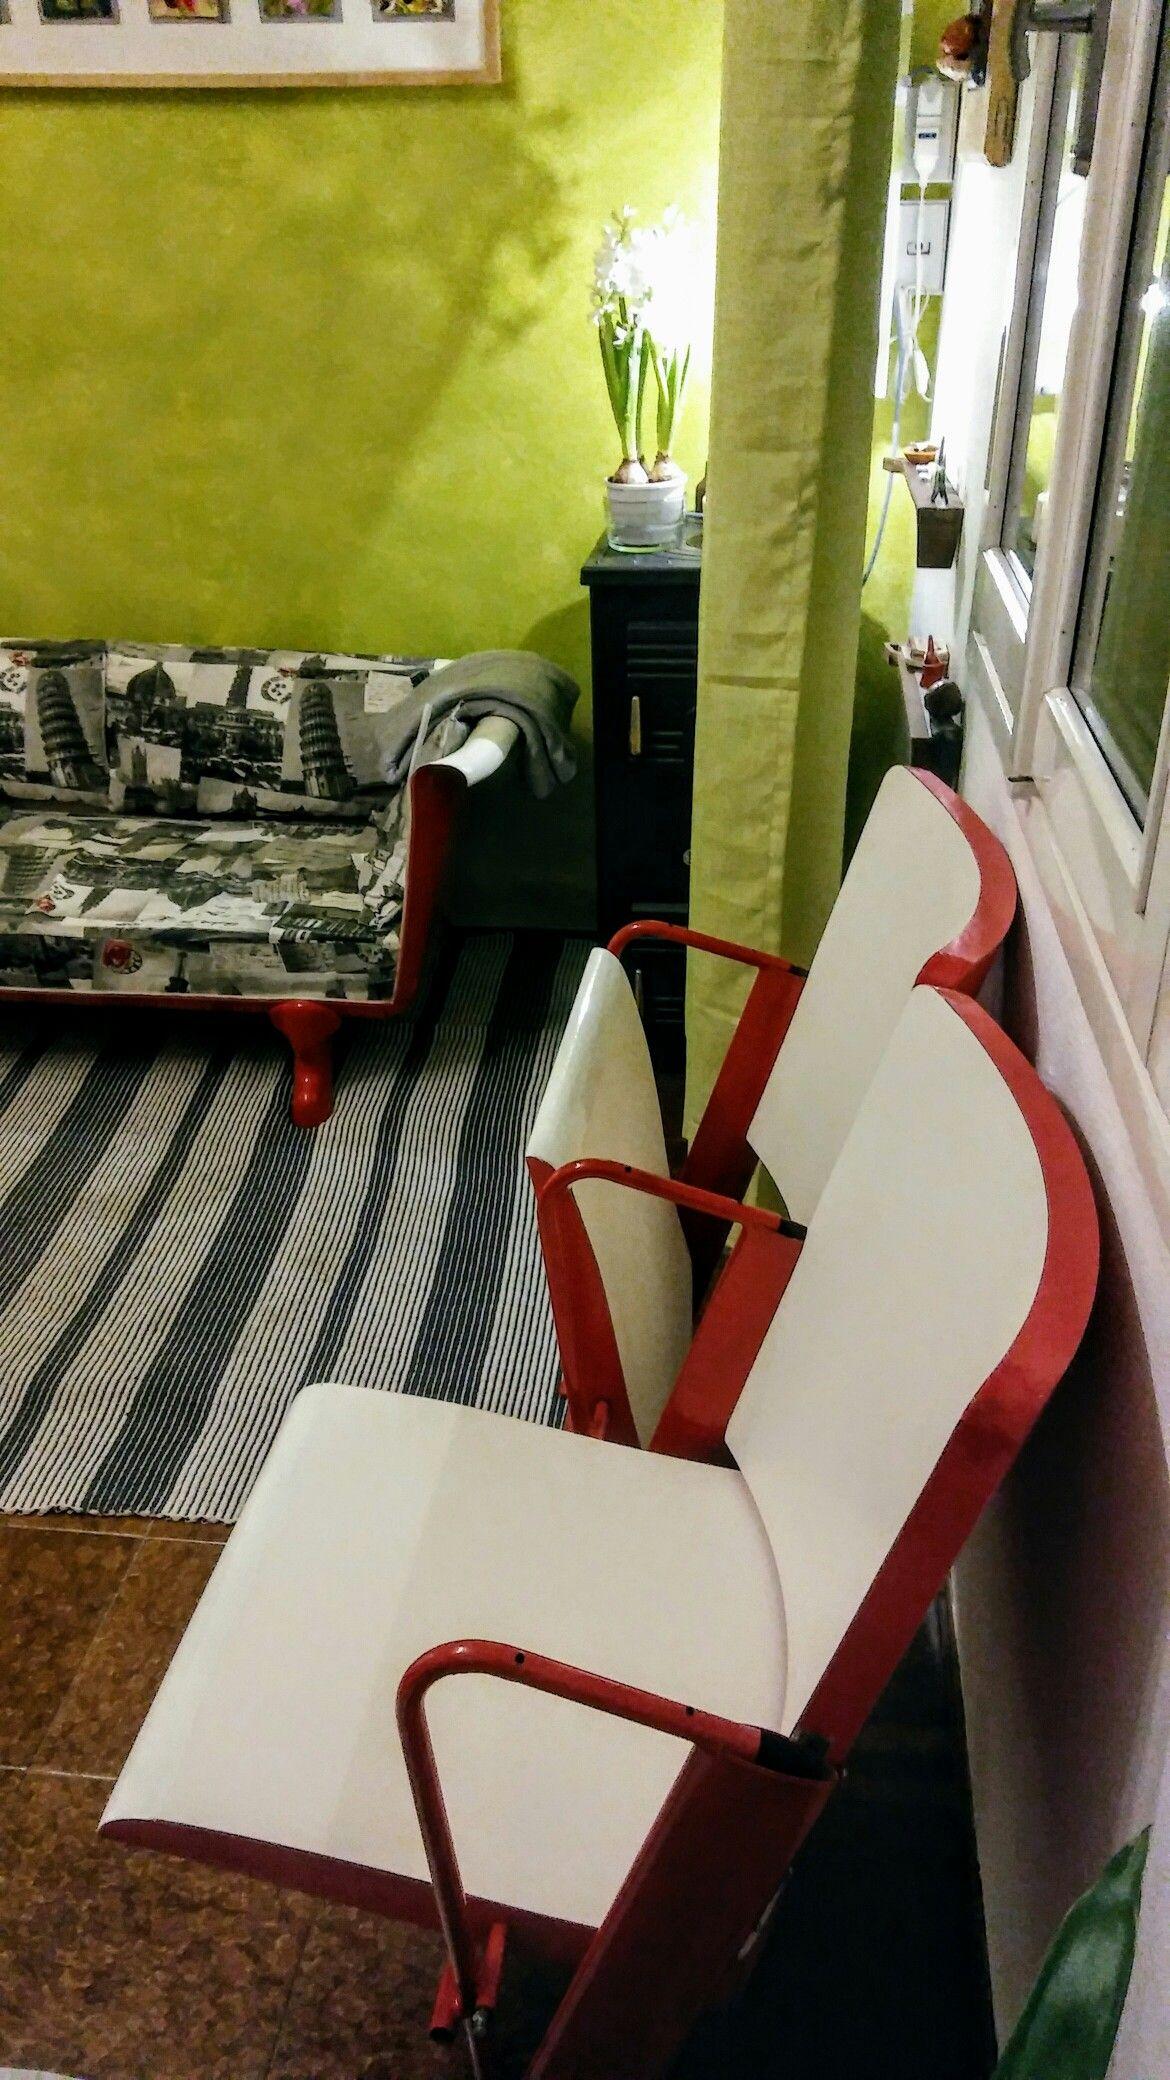 Sedie In Legno Riciclato.Arredamento Riciclato Vecchie Sedie In Legno Ribaltabili Di Cinema